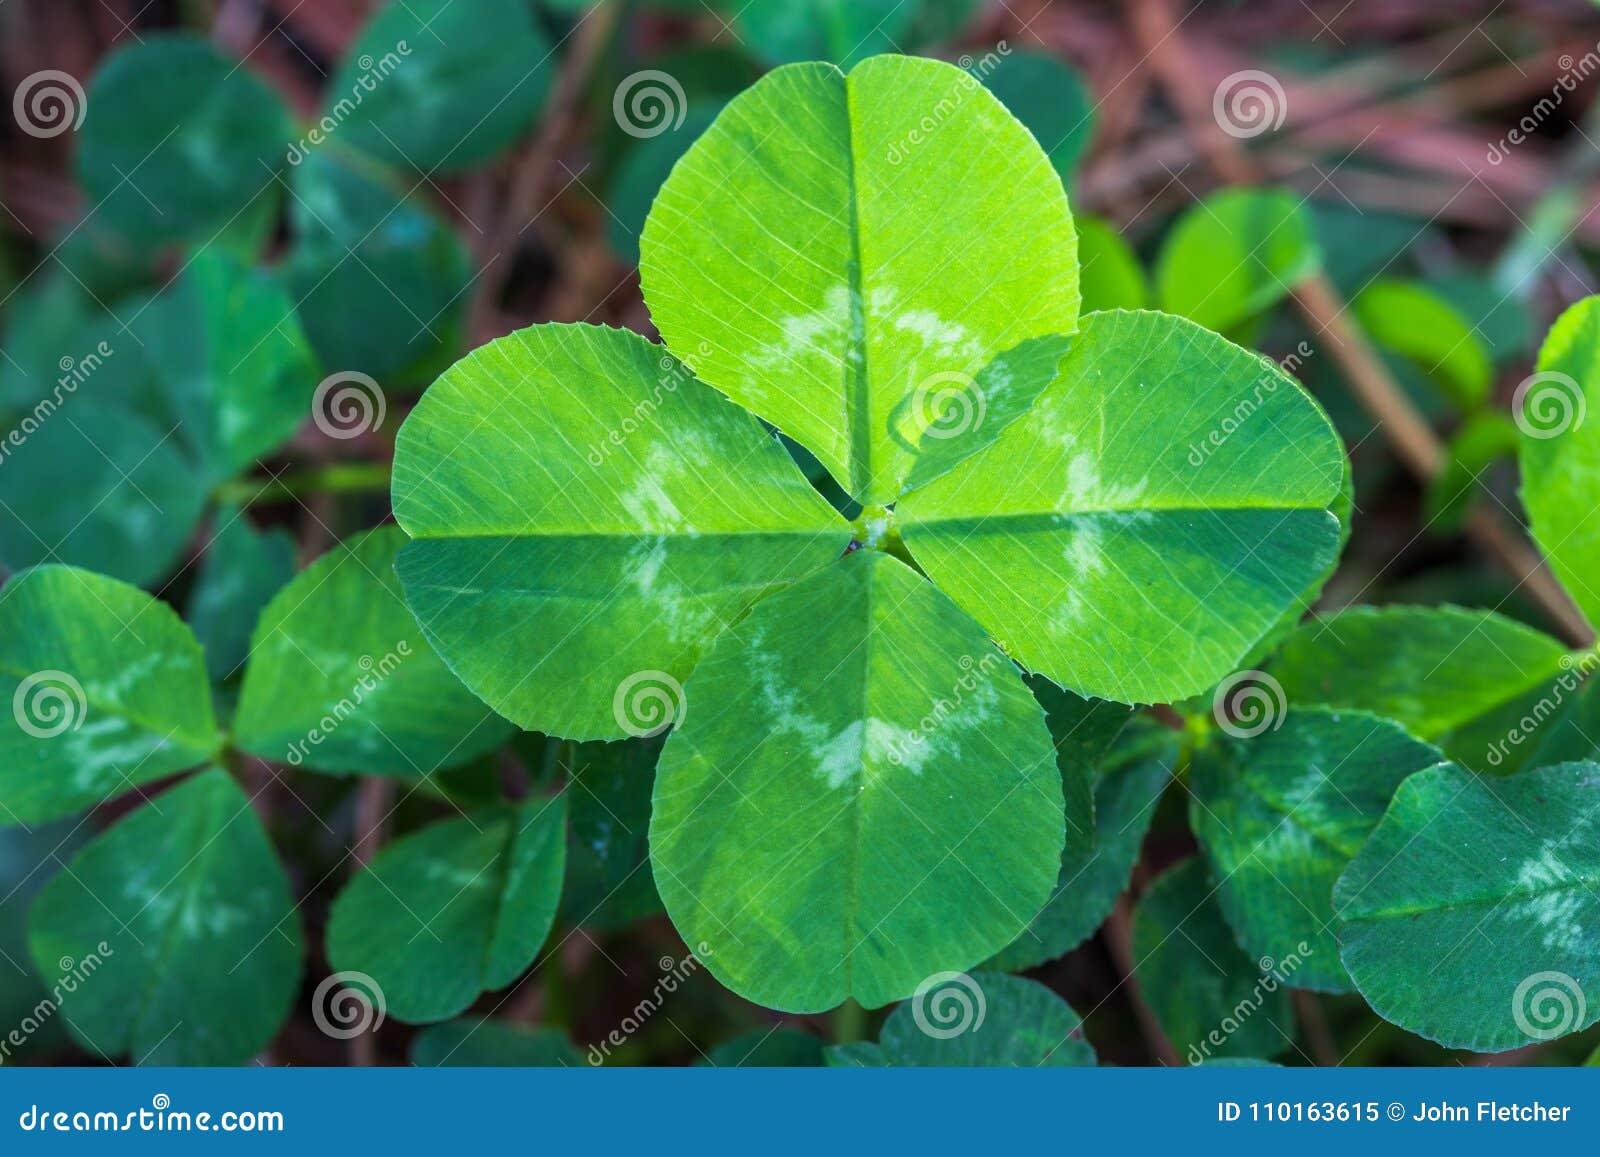 Backlit four leaf clover